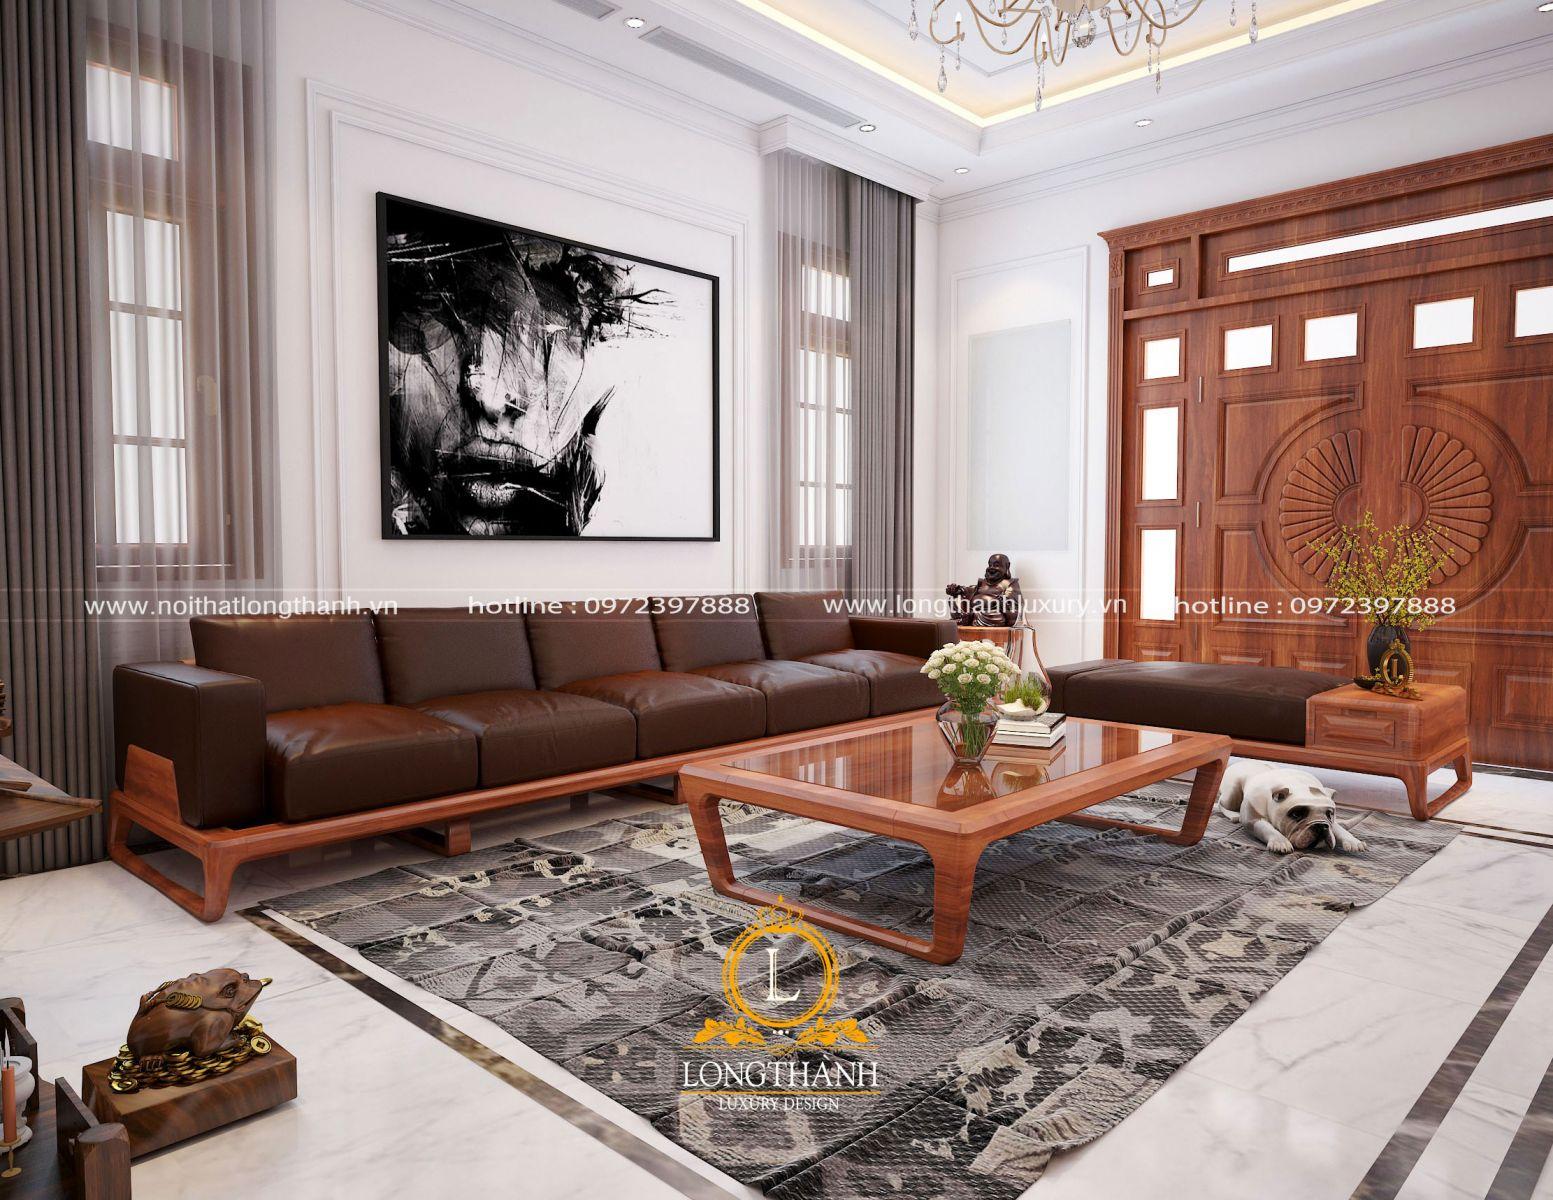 Thiết kế bộ sofa hiện đại với gỗ tự nhiên cho phòng khách biệt thự